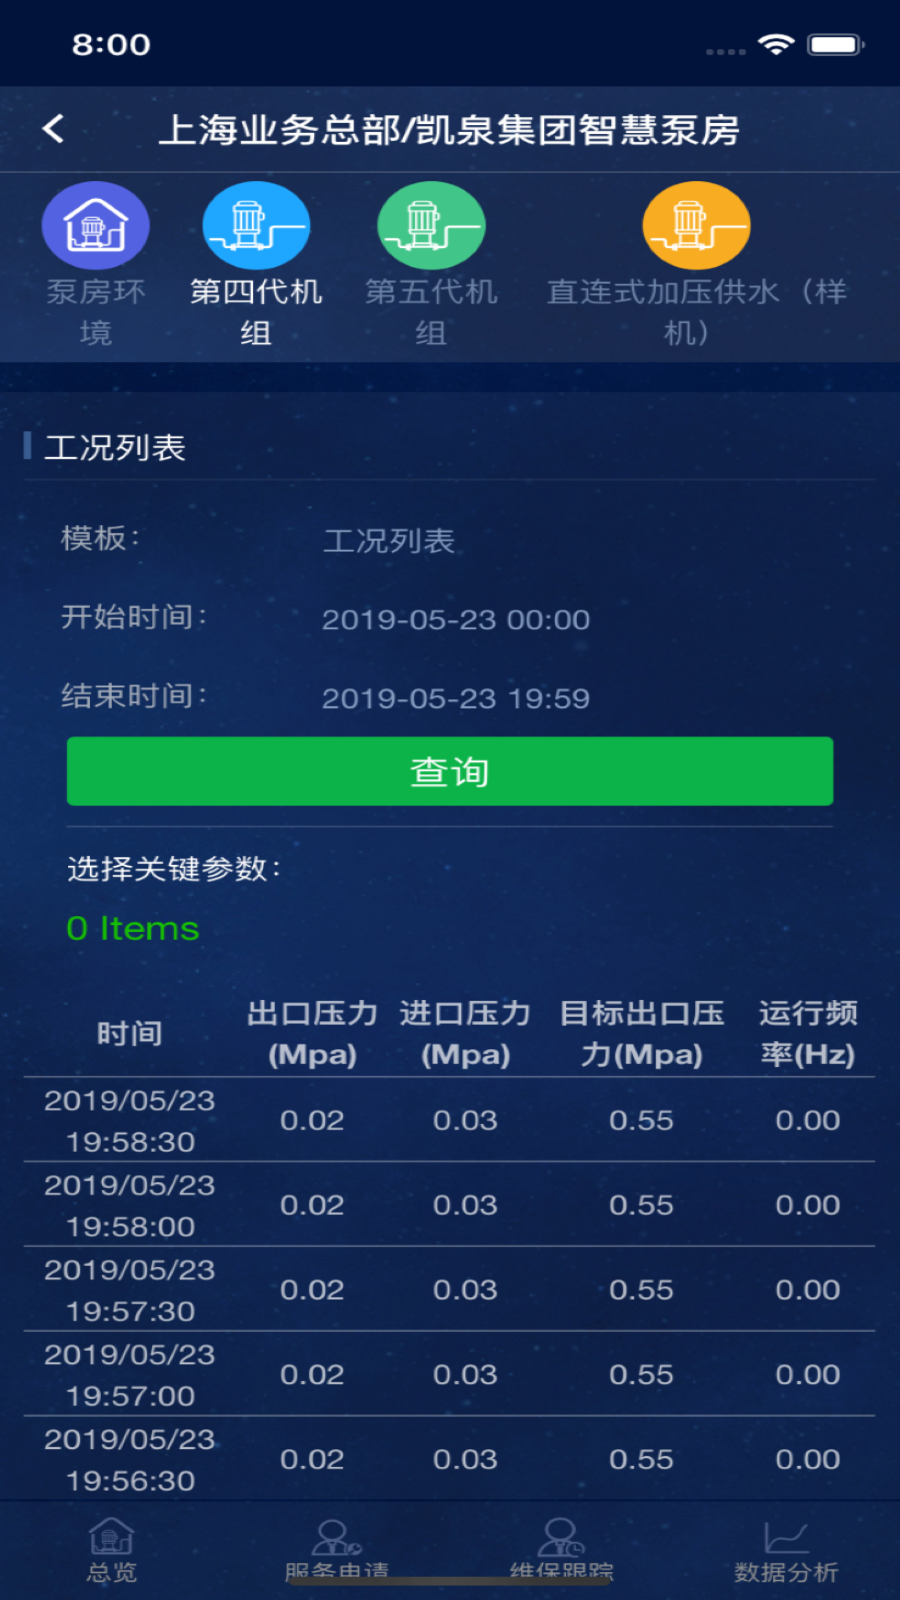 凯泉智慧云远程监控运维平台